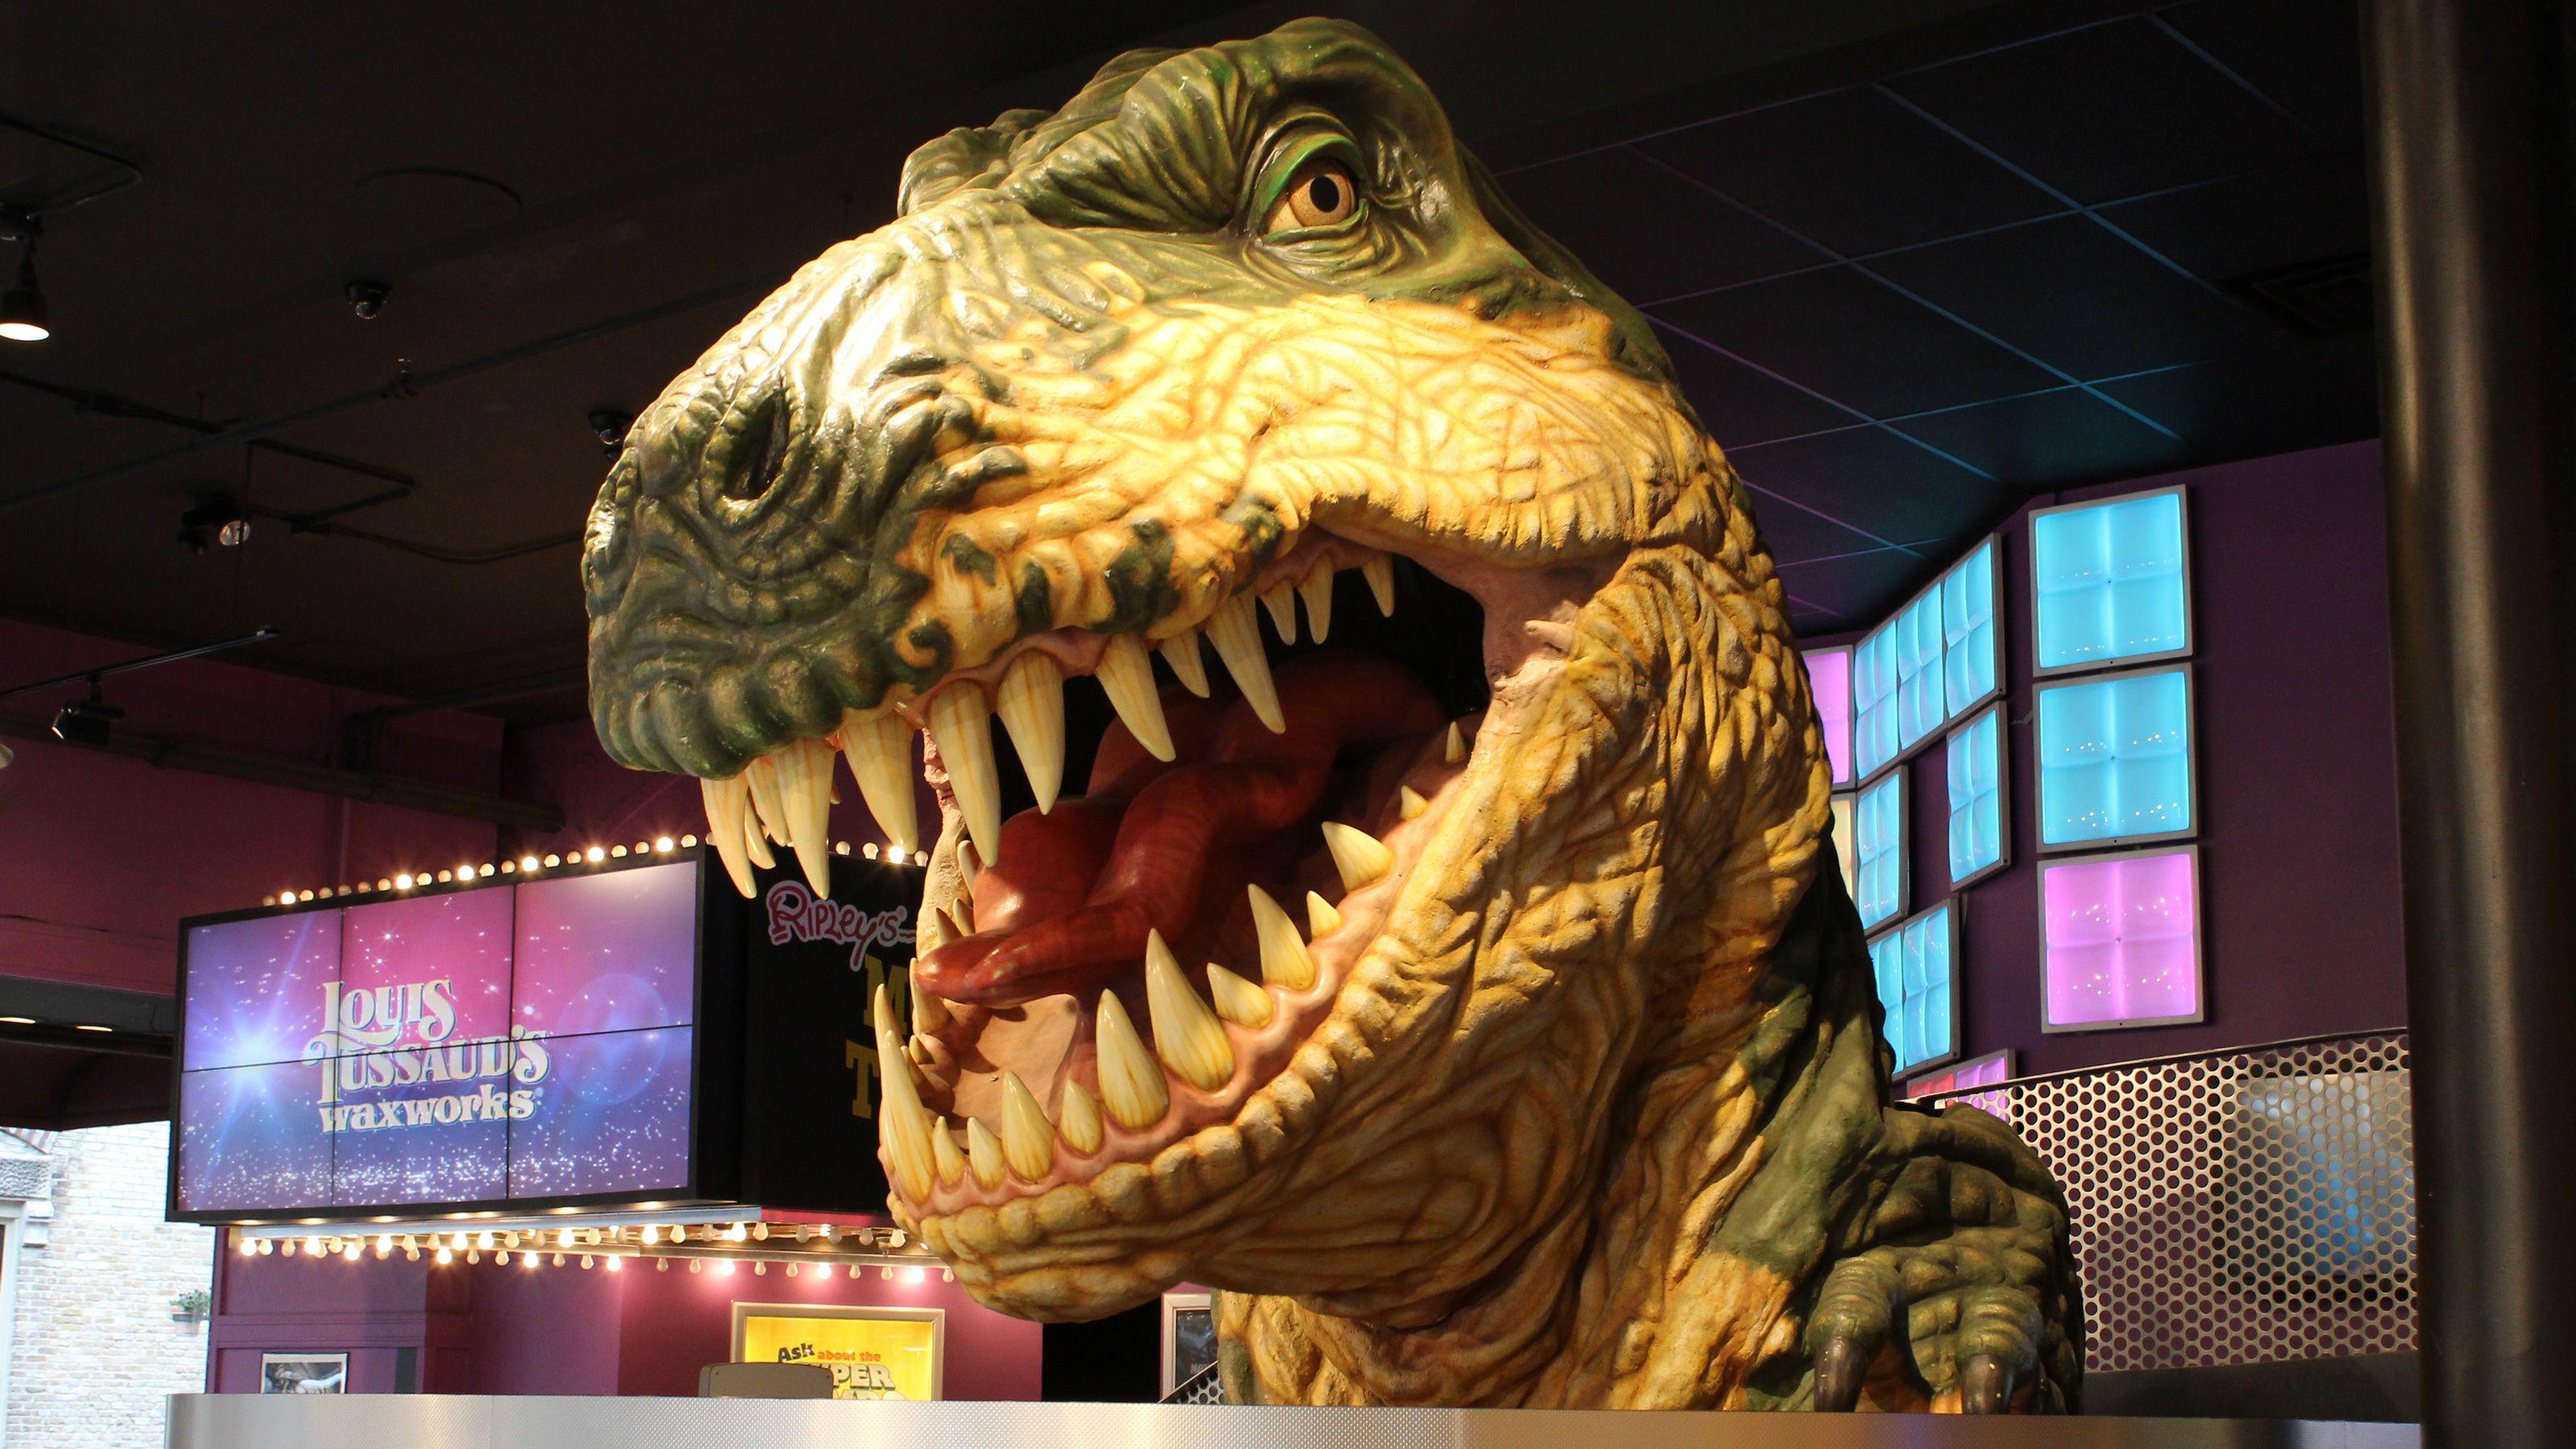 T-rex exhibit in Ripley's Believe It or Not!